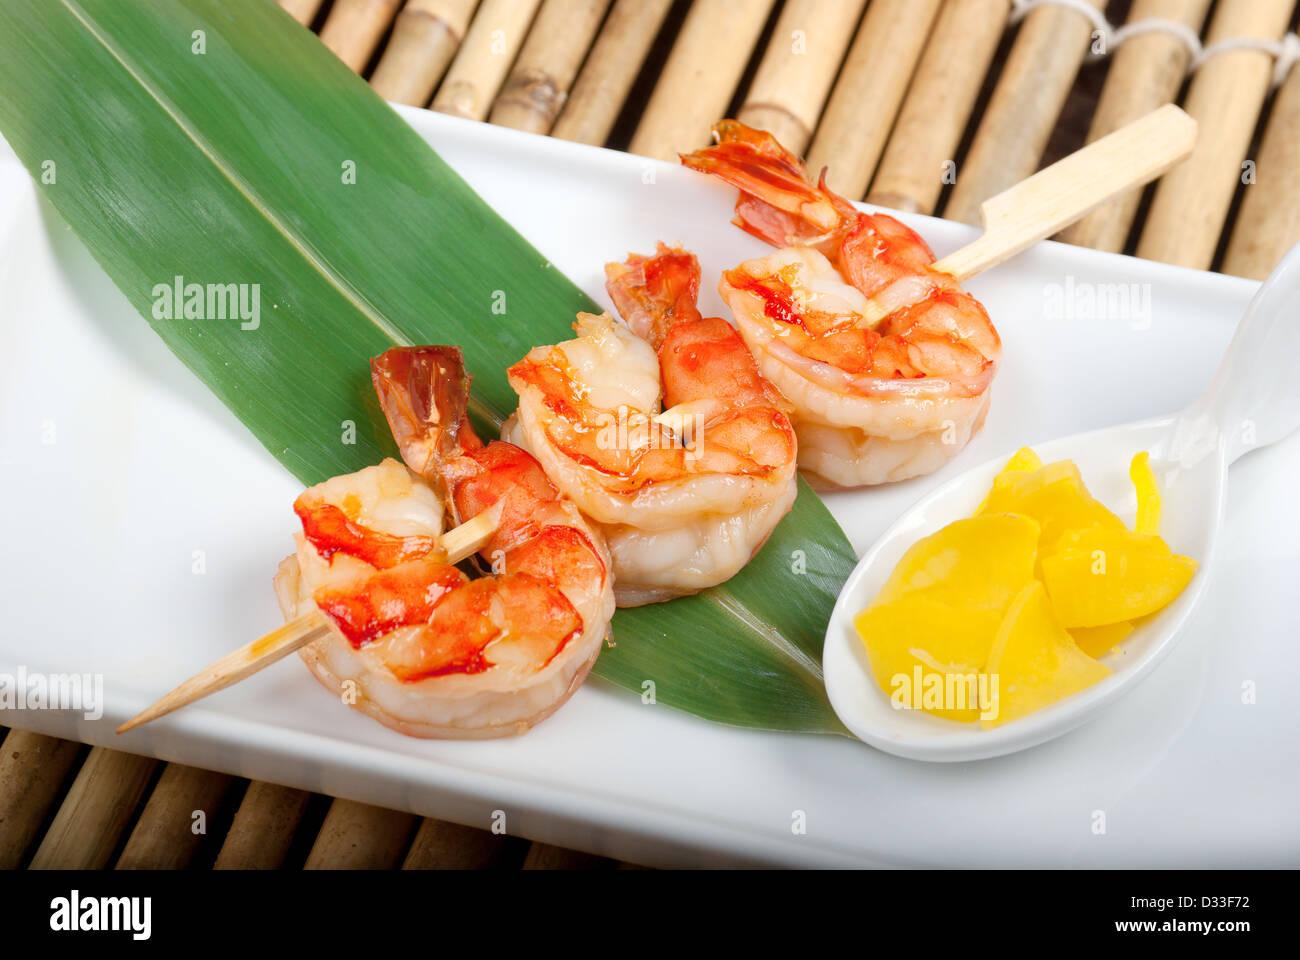 Japanese skewered seafoods royal prawn .closeup - Stock Image